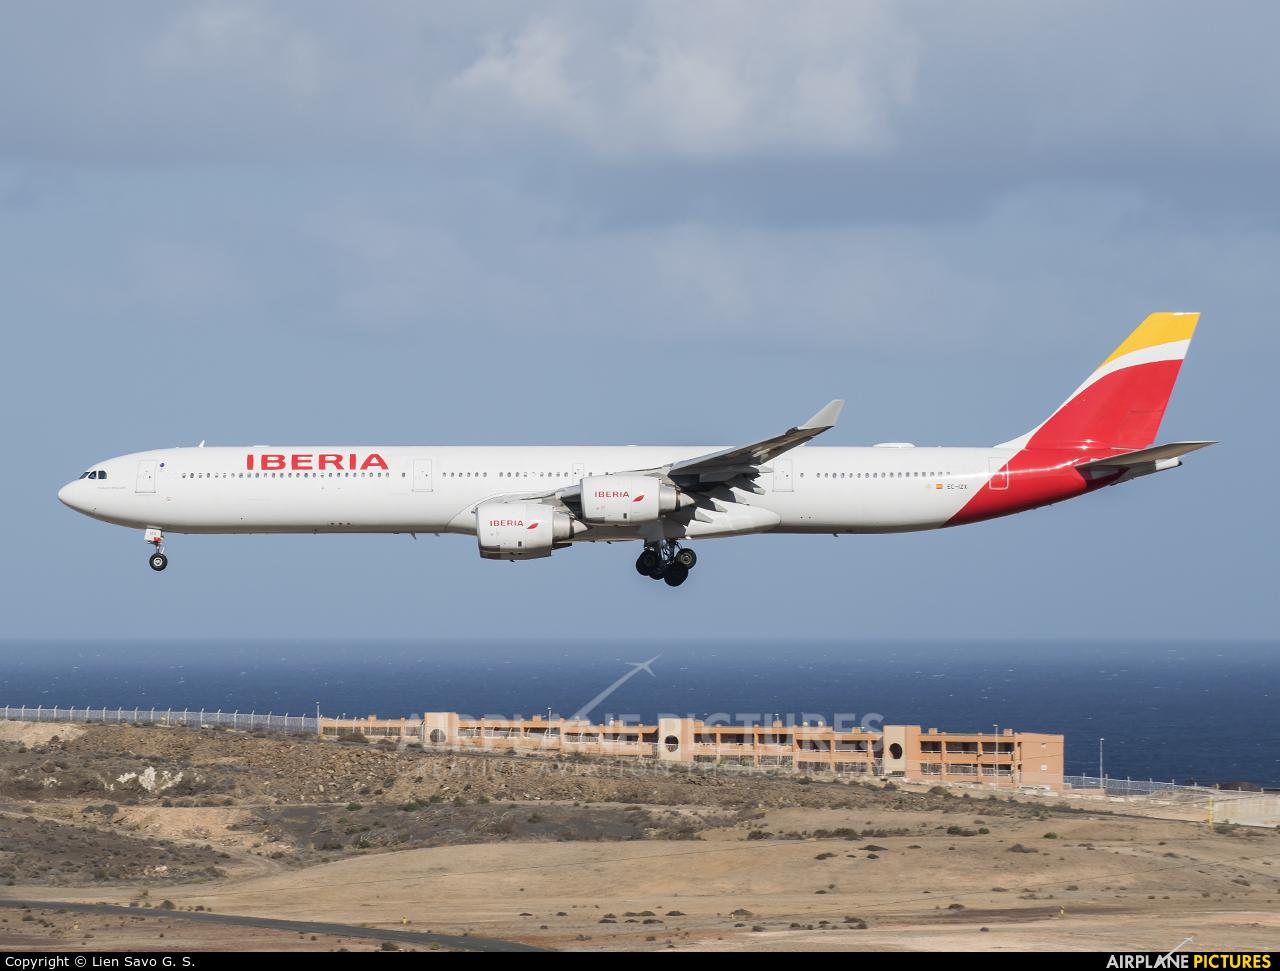 Iberia EC-IZX aircraft at Aeropuerto de Gran Canaria